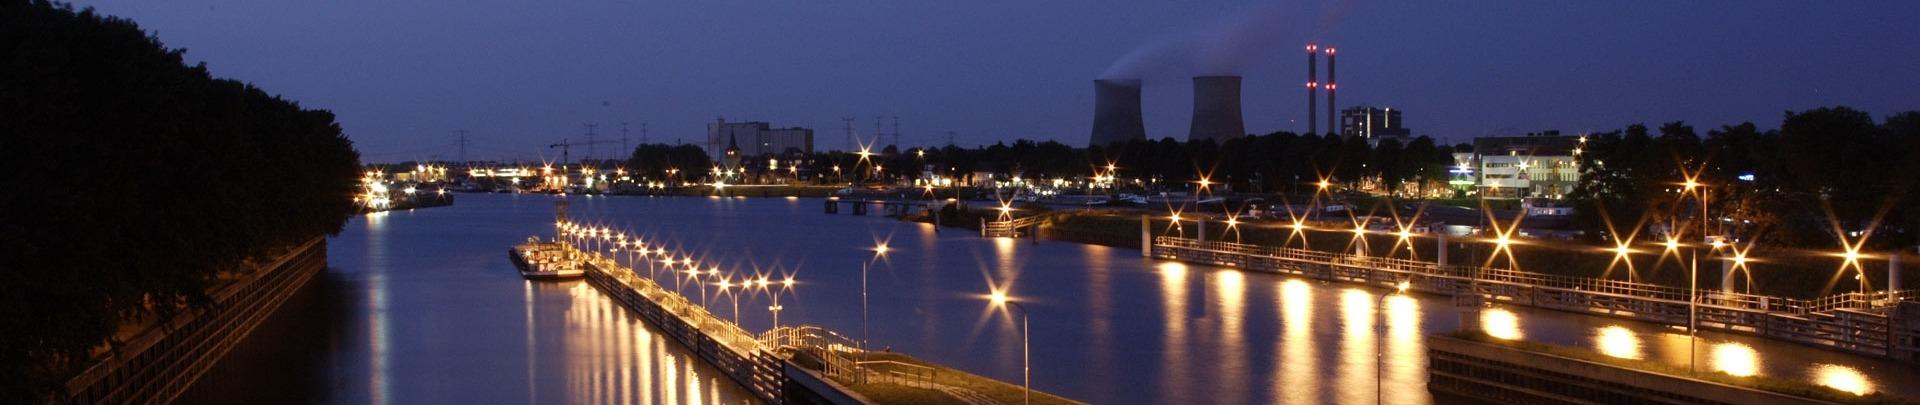 De haven van Maasbracht in de avond